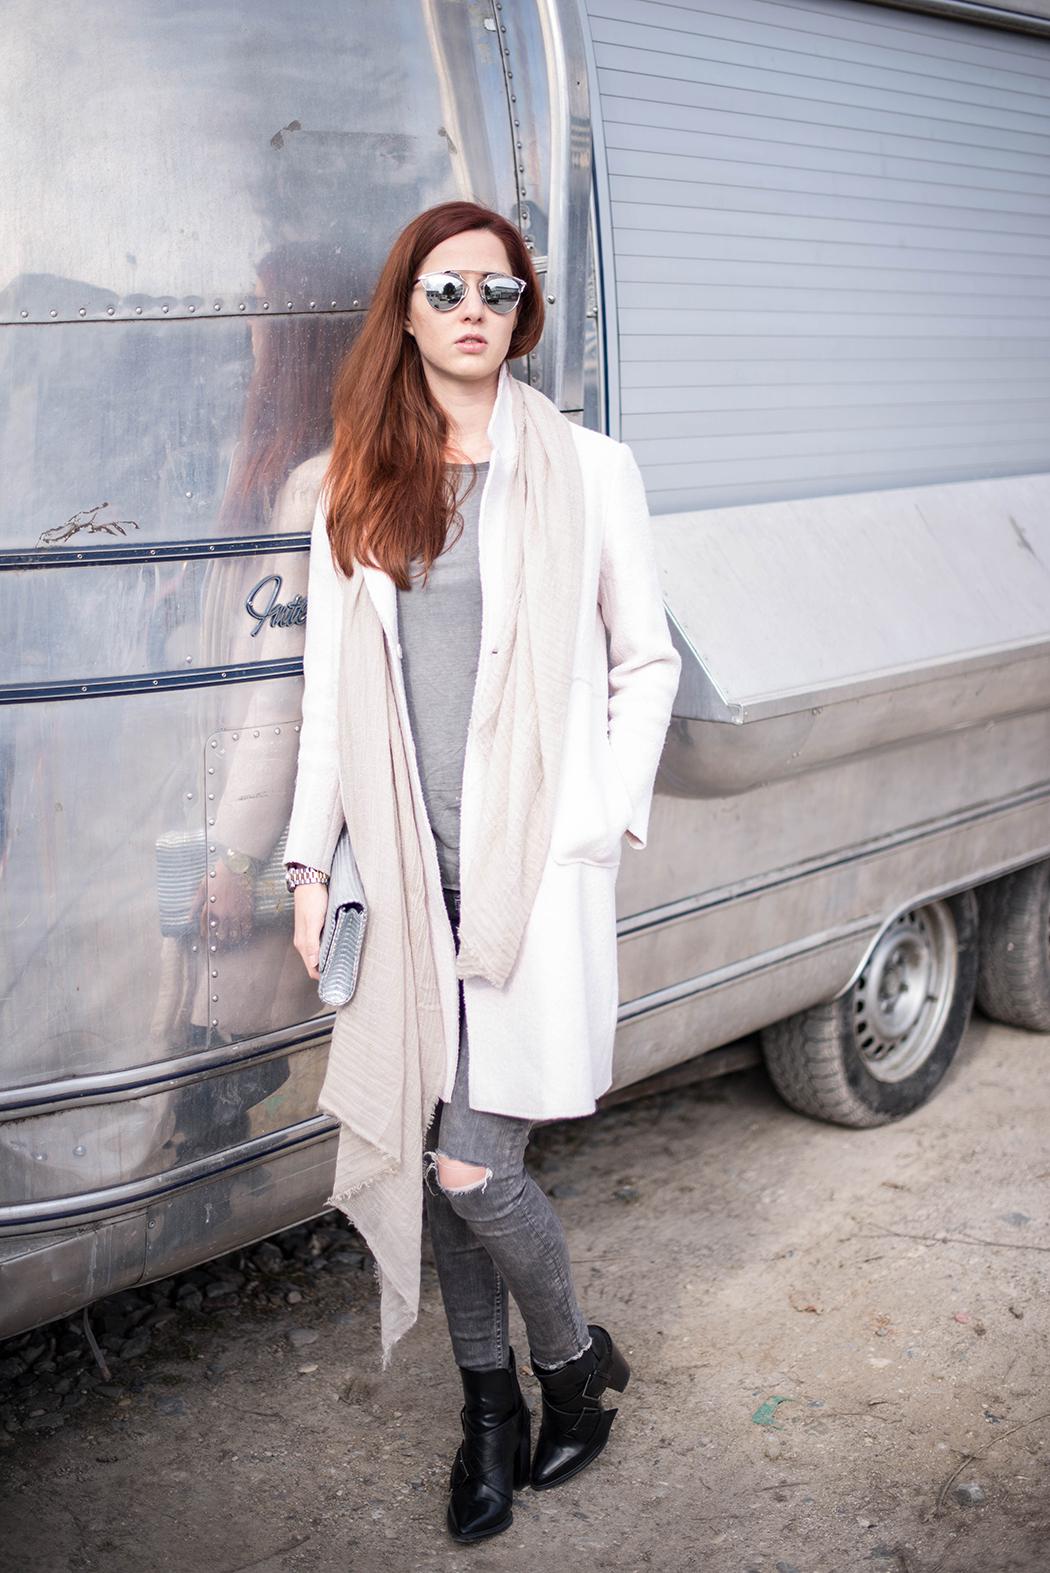 Fashionblog-München-Fashionblogger-Deutschland-Lindarella-Dior-SoReal-Sunlasses-verspiegelt-4